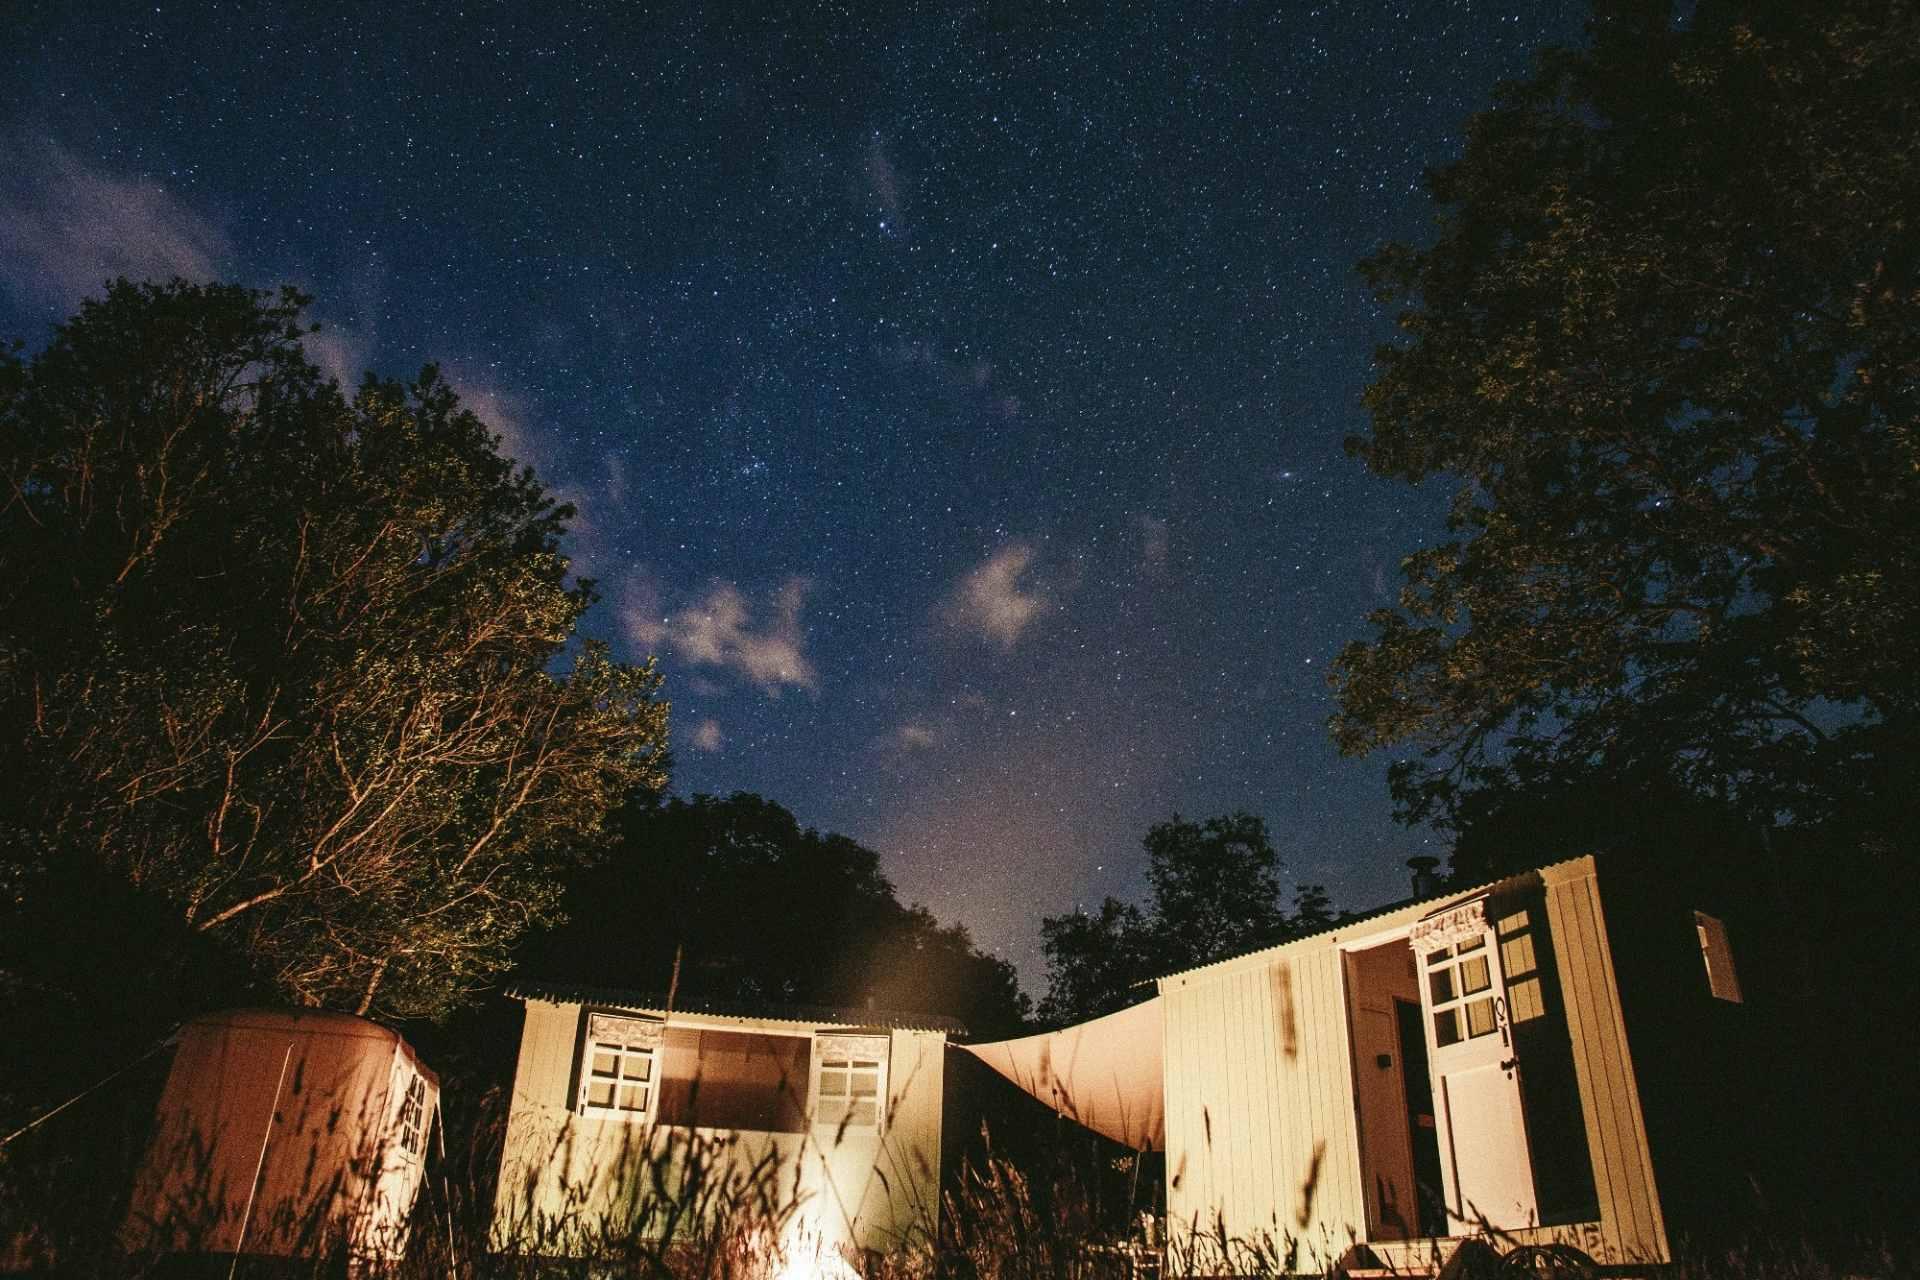 shepherds-hut-in-field-on-starry-night-snowdonia-shepherds-huts-glamping-snowdonia